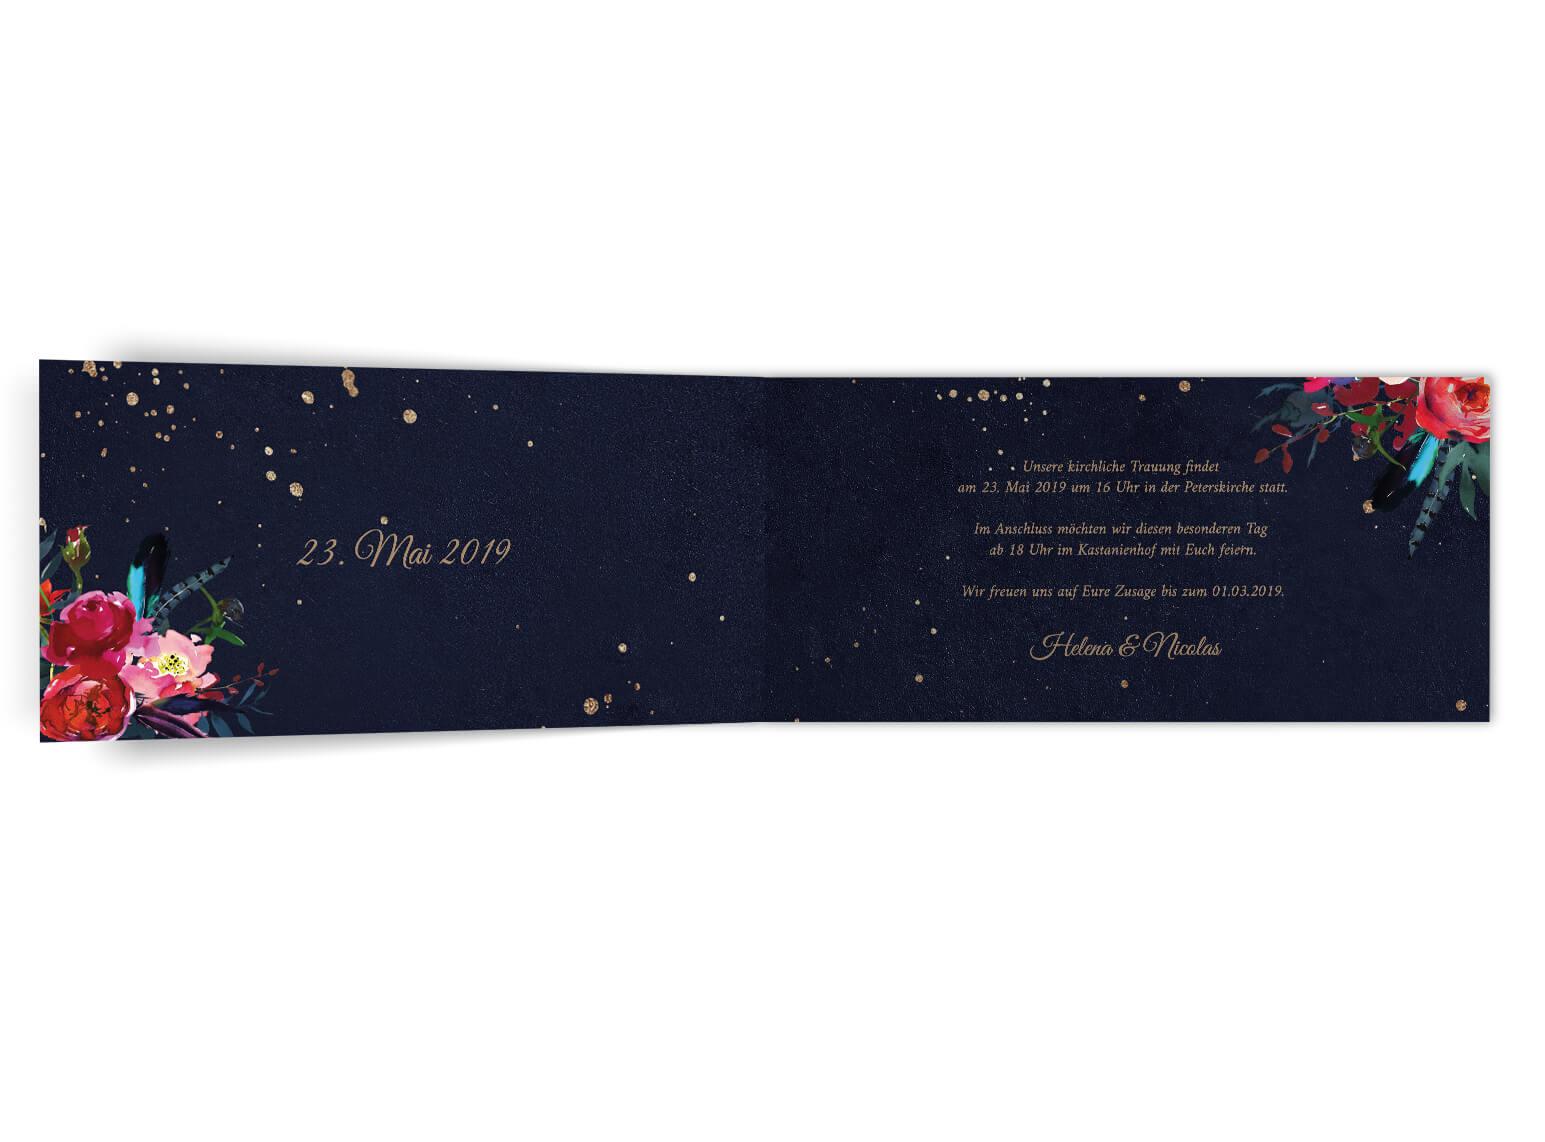 Nacht Hochzeitseinladung | dunkle Blumenvertierte Einladung zur Hochzeit